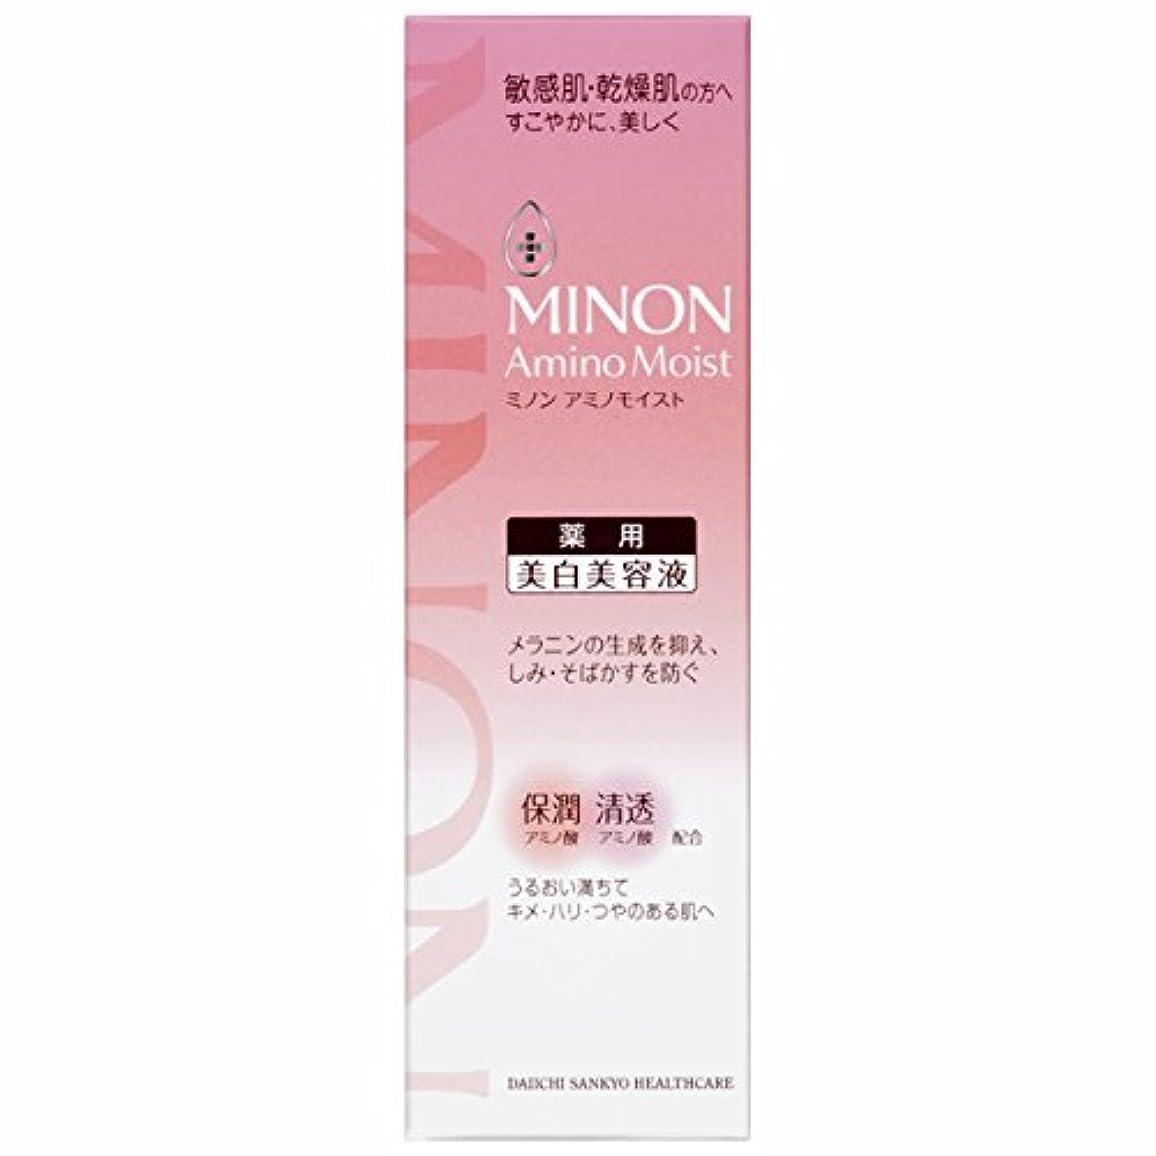 対処する磁石立法ミノン アミノモイスト 薬用マイルド ホワイトニング 30g (医薬部外品)